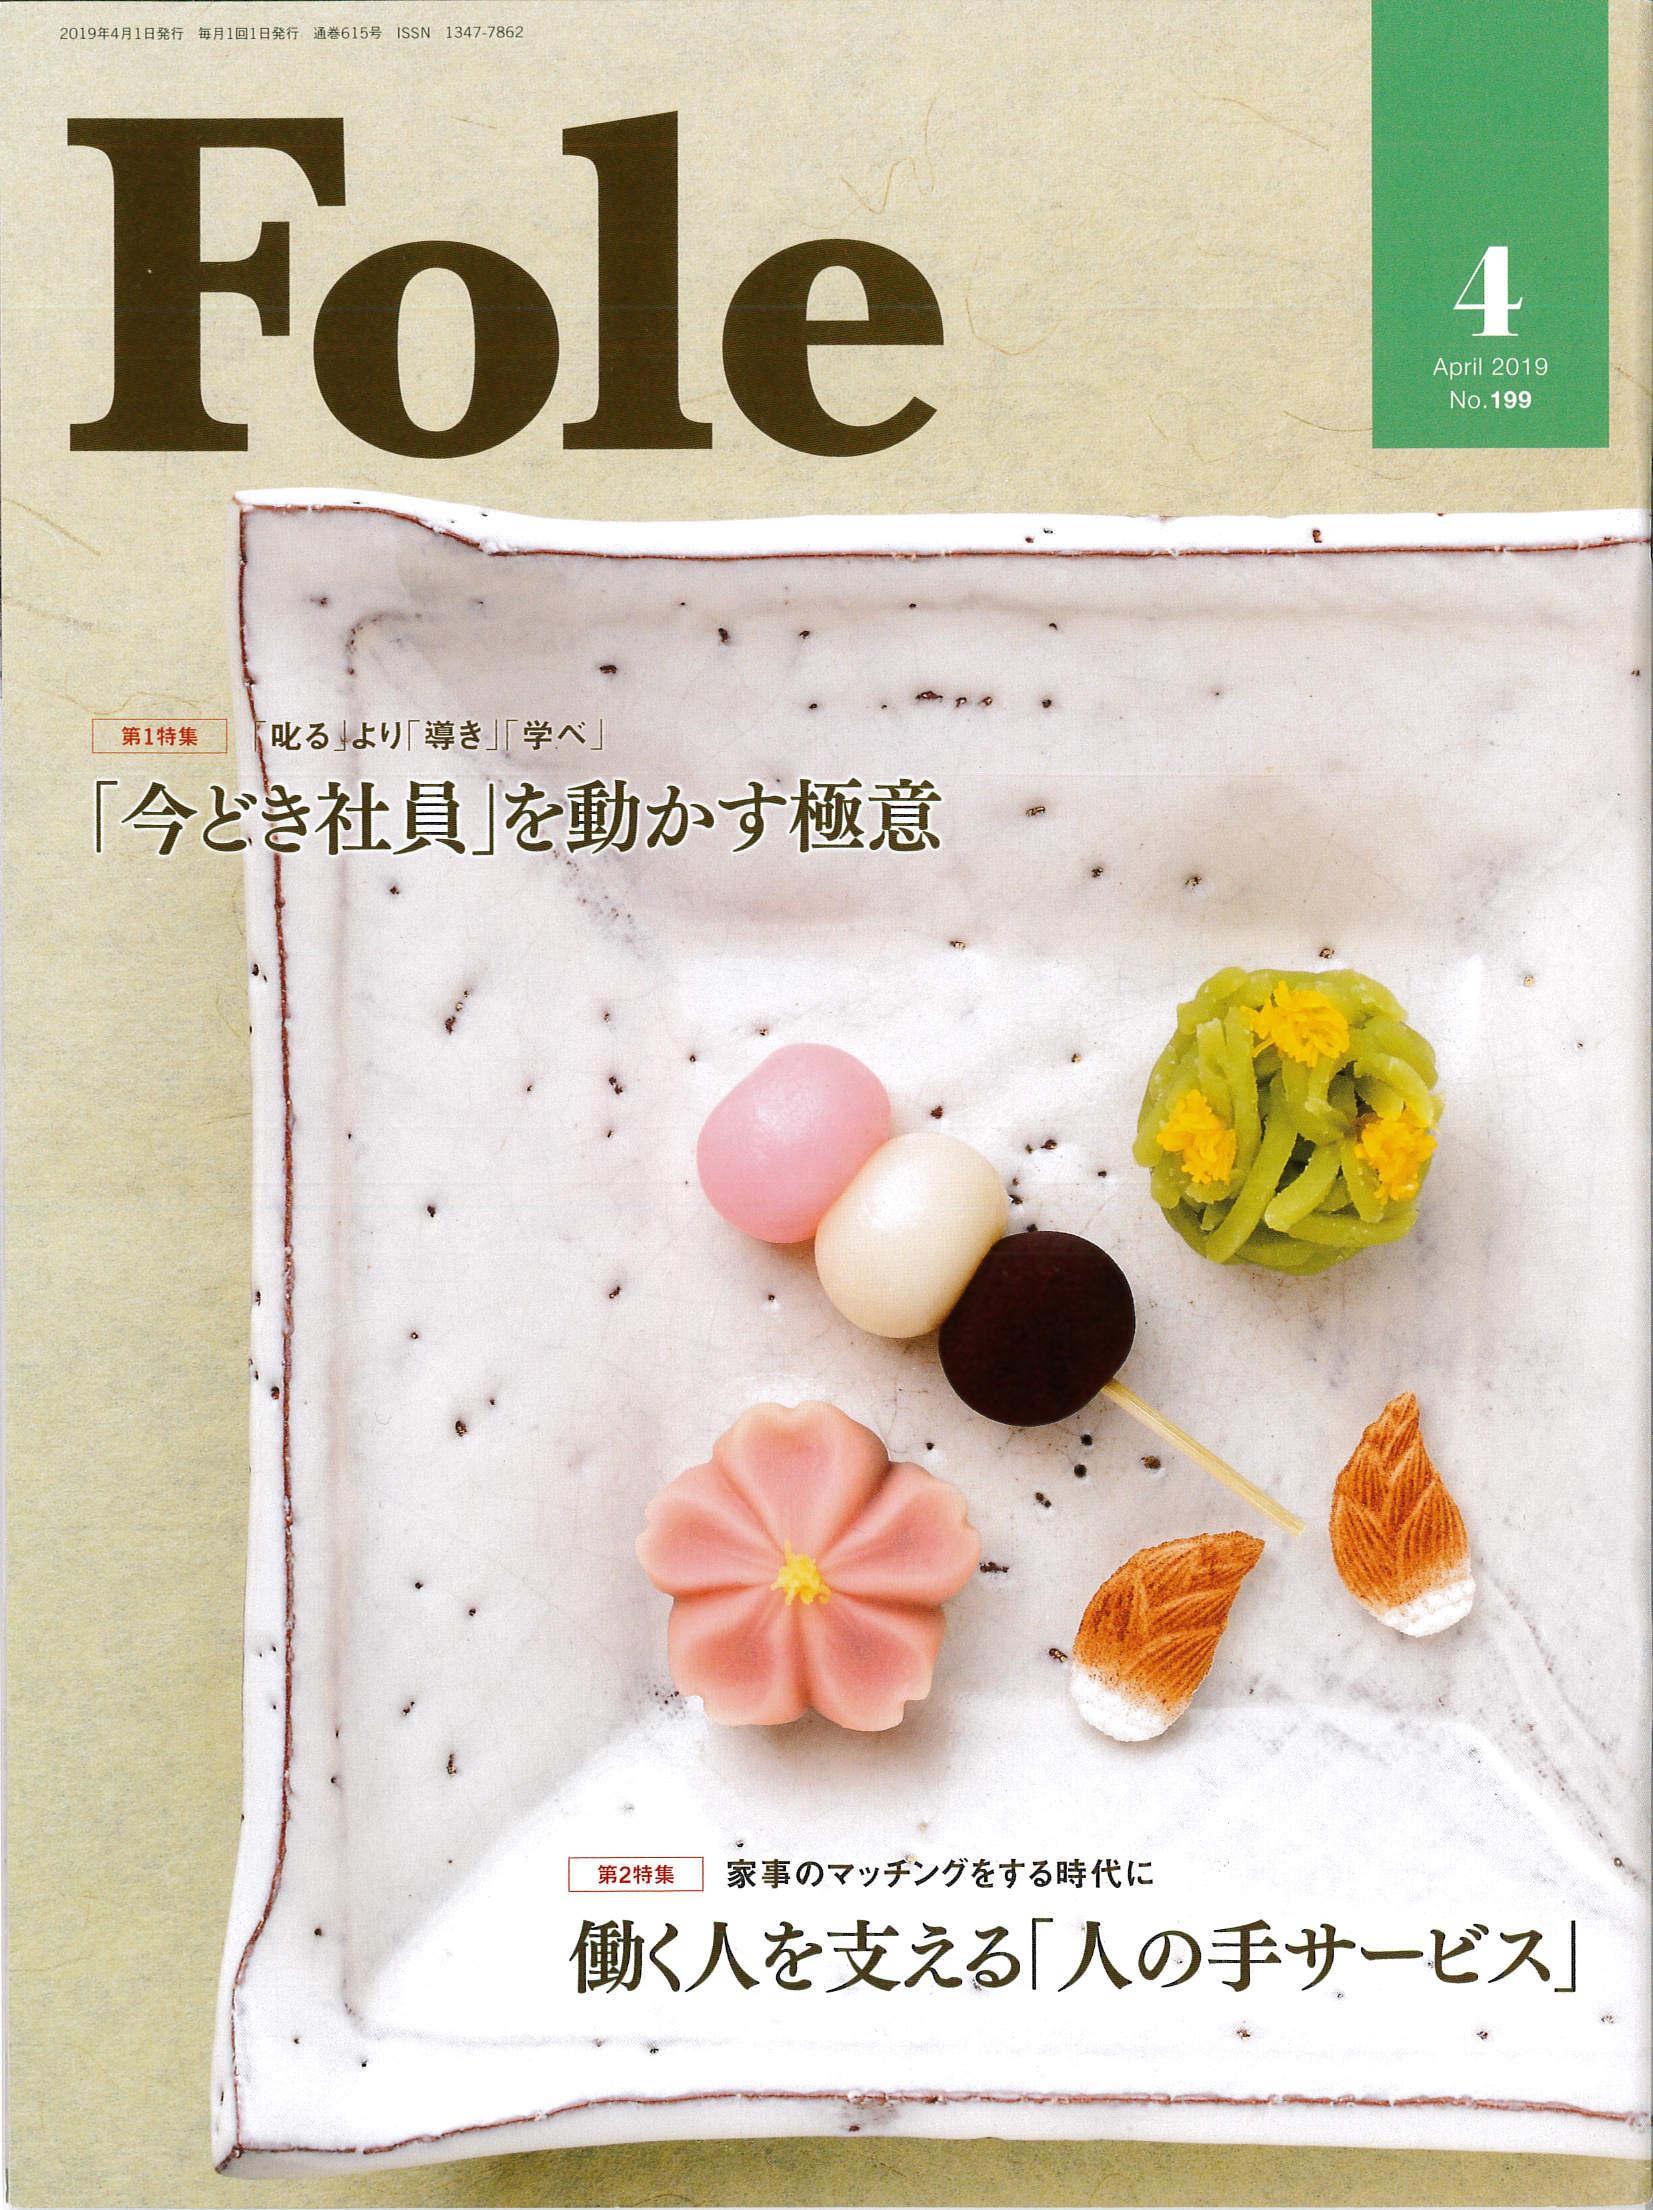 みずほ総合研究所「Fole」2019年4月号掲載